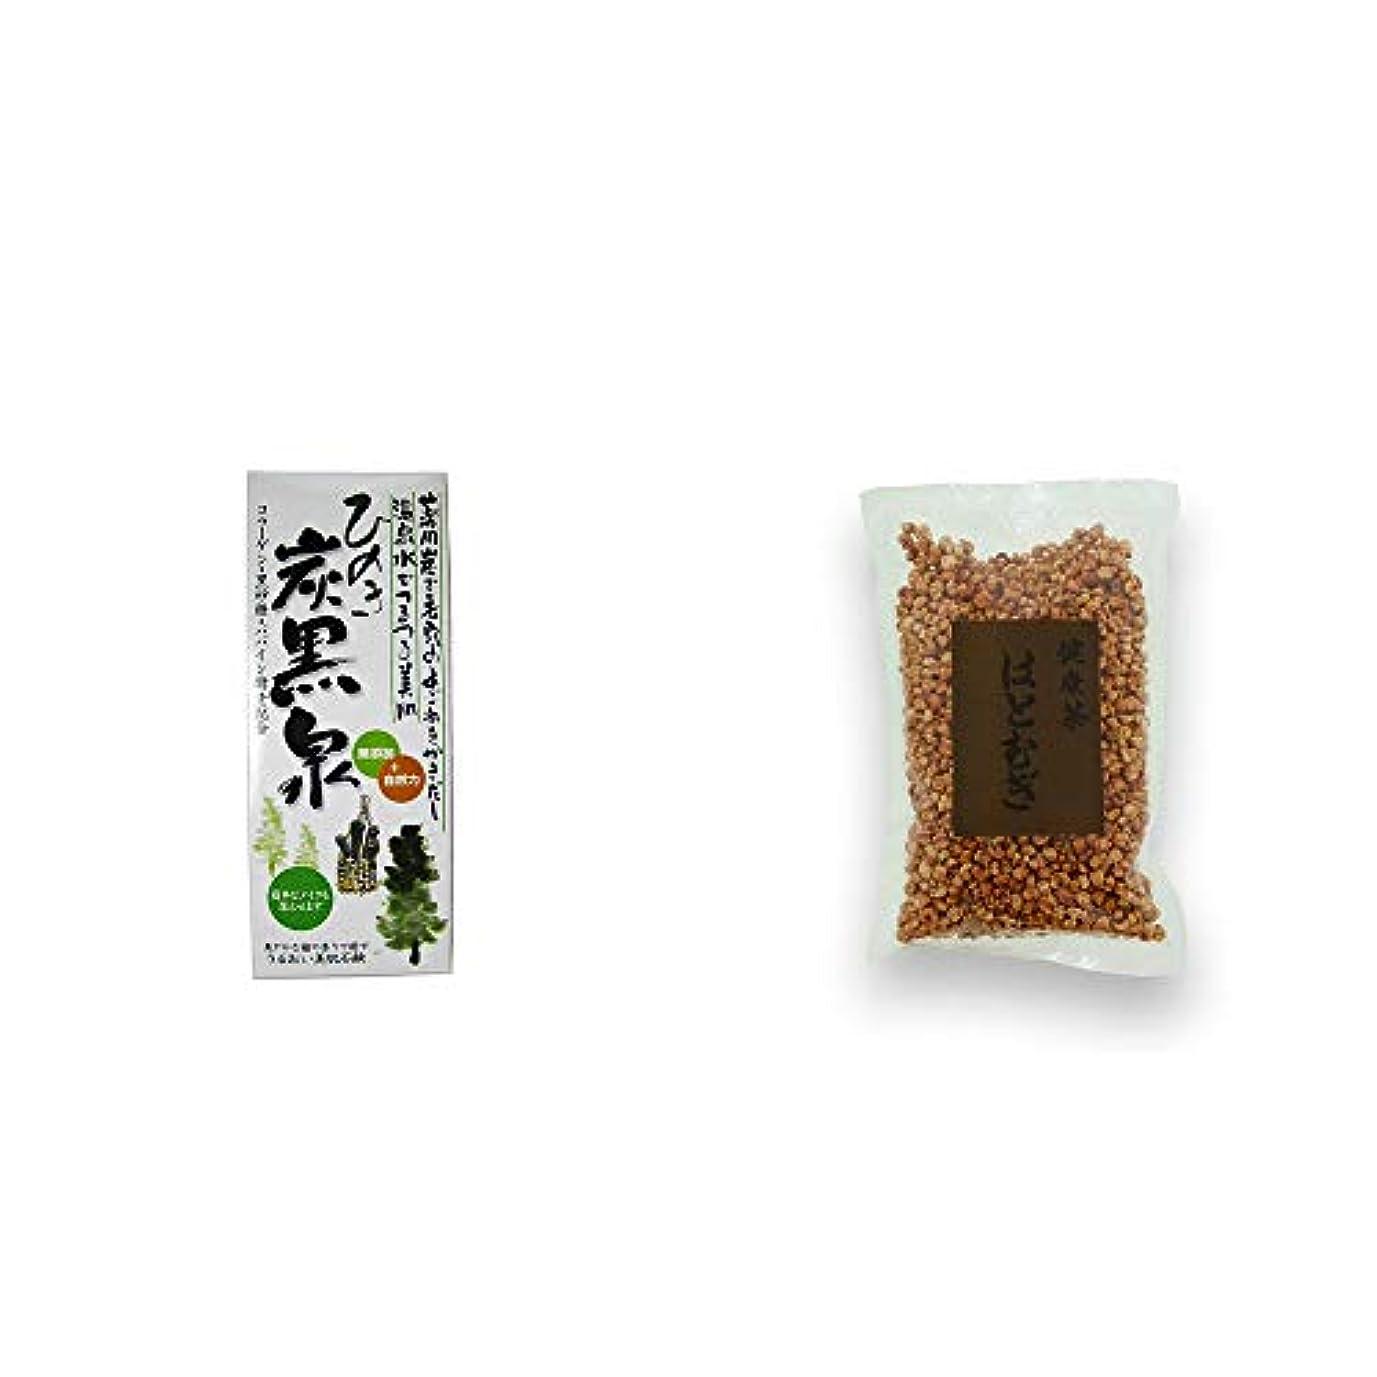 [2点セット] ひのき炭黒泉 箱入り(75g×3)?健康茶 はとむぎ(200g)